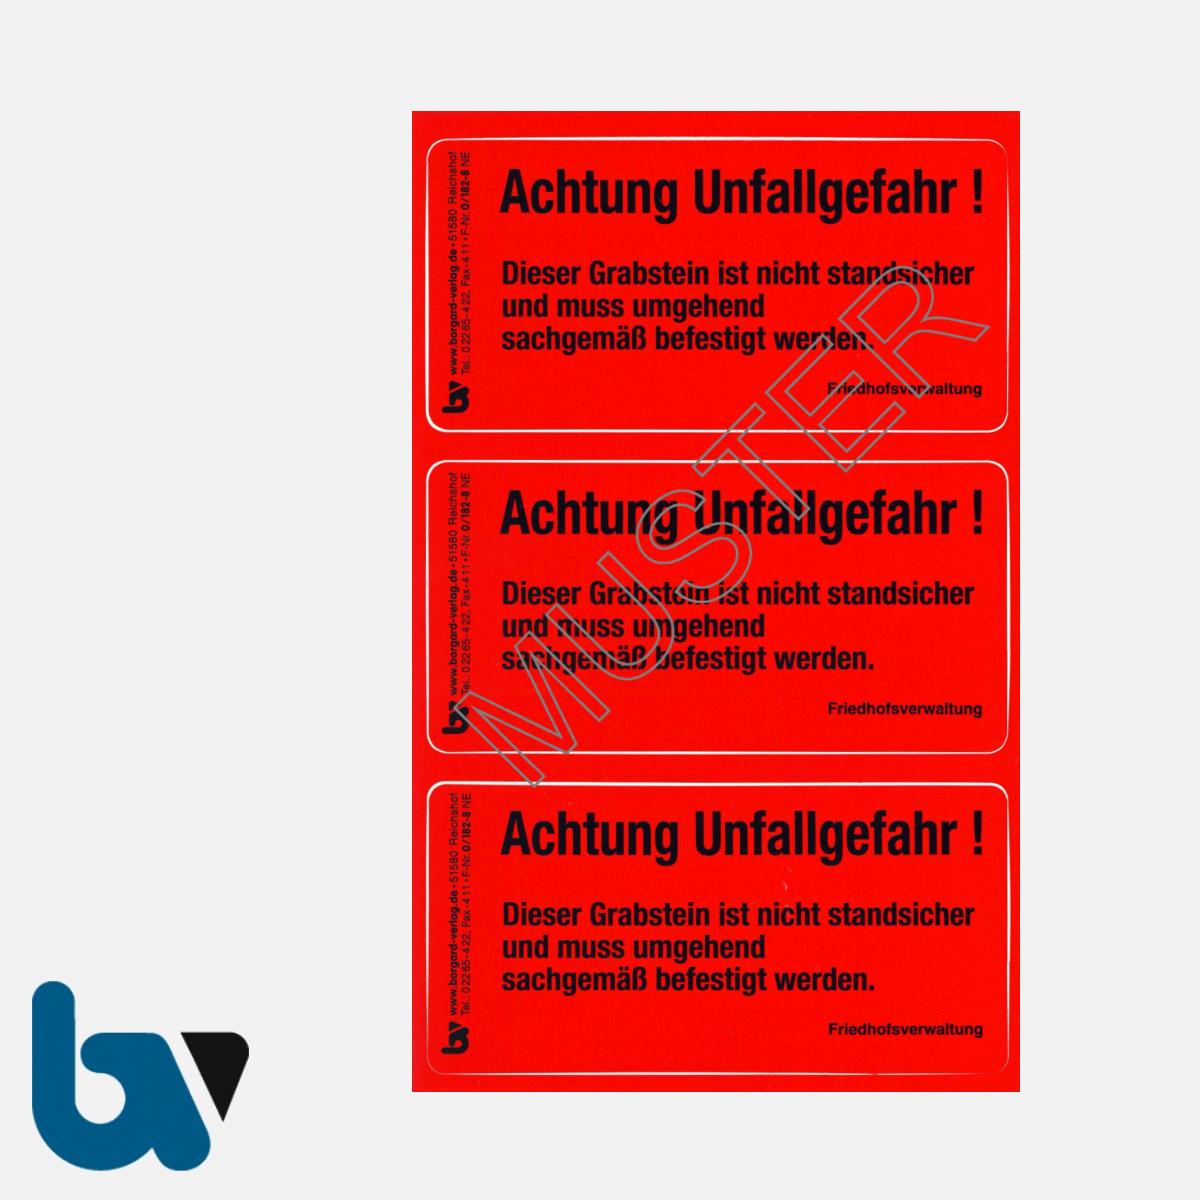 0/182-8 Grab Aufkleber Achtung Unfallgefahr Grabstein nicht Standsicher Angehörige Aufforderung Friedhof Verwaltung rot PVC Folie selbstklebend | Borgard Verlag GmbH